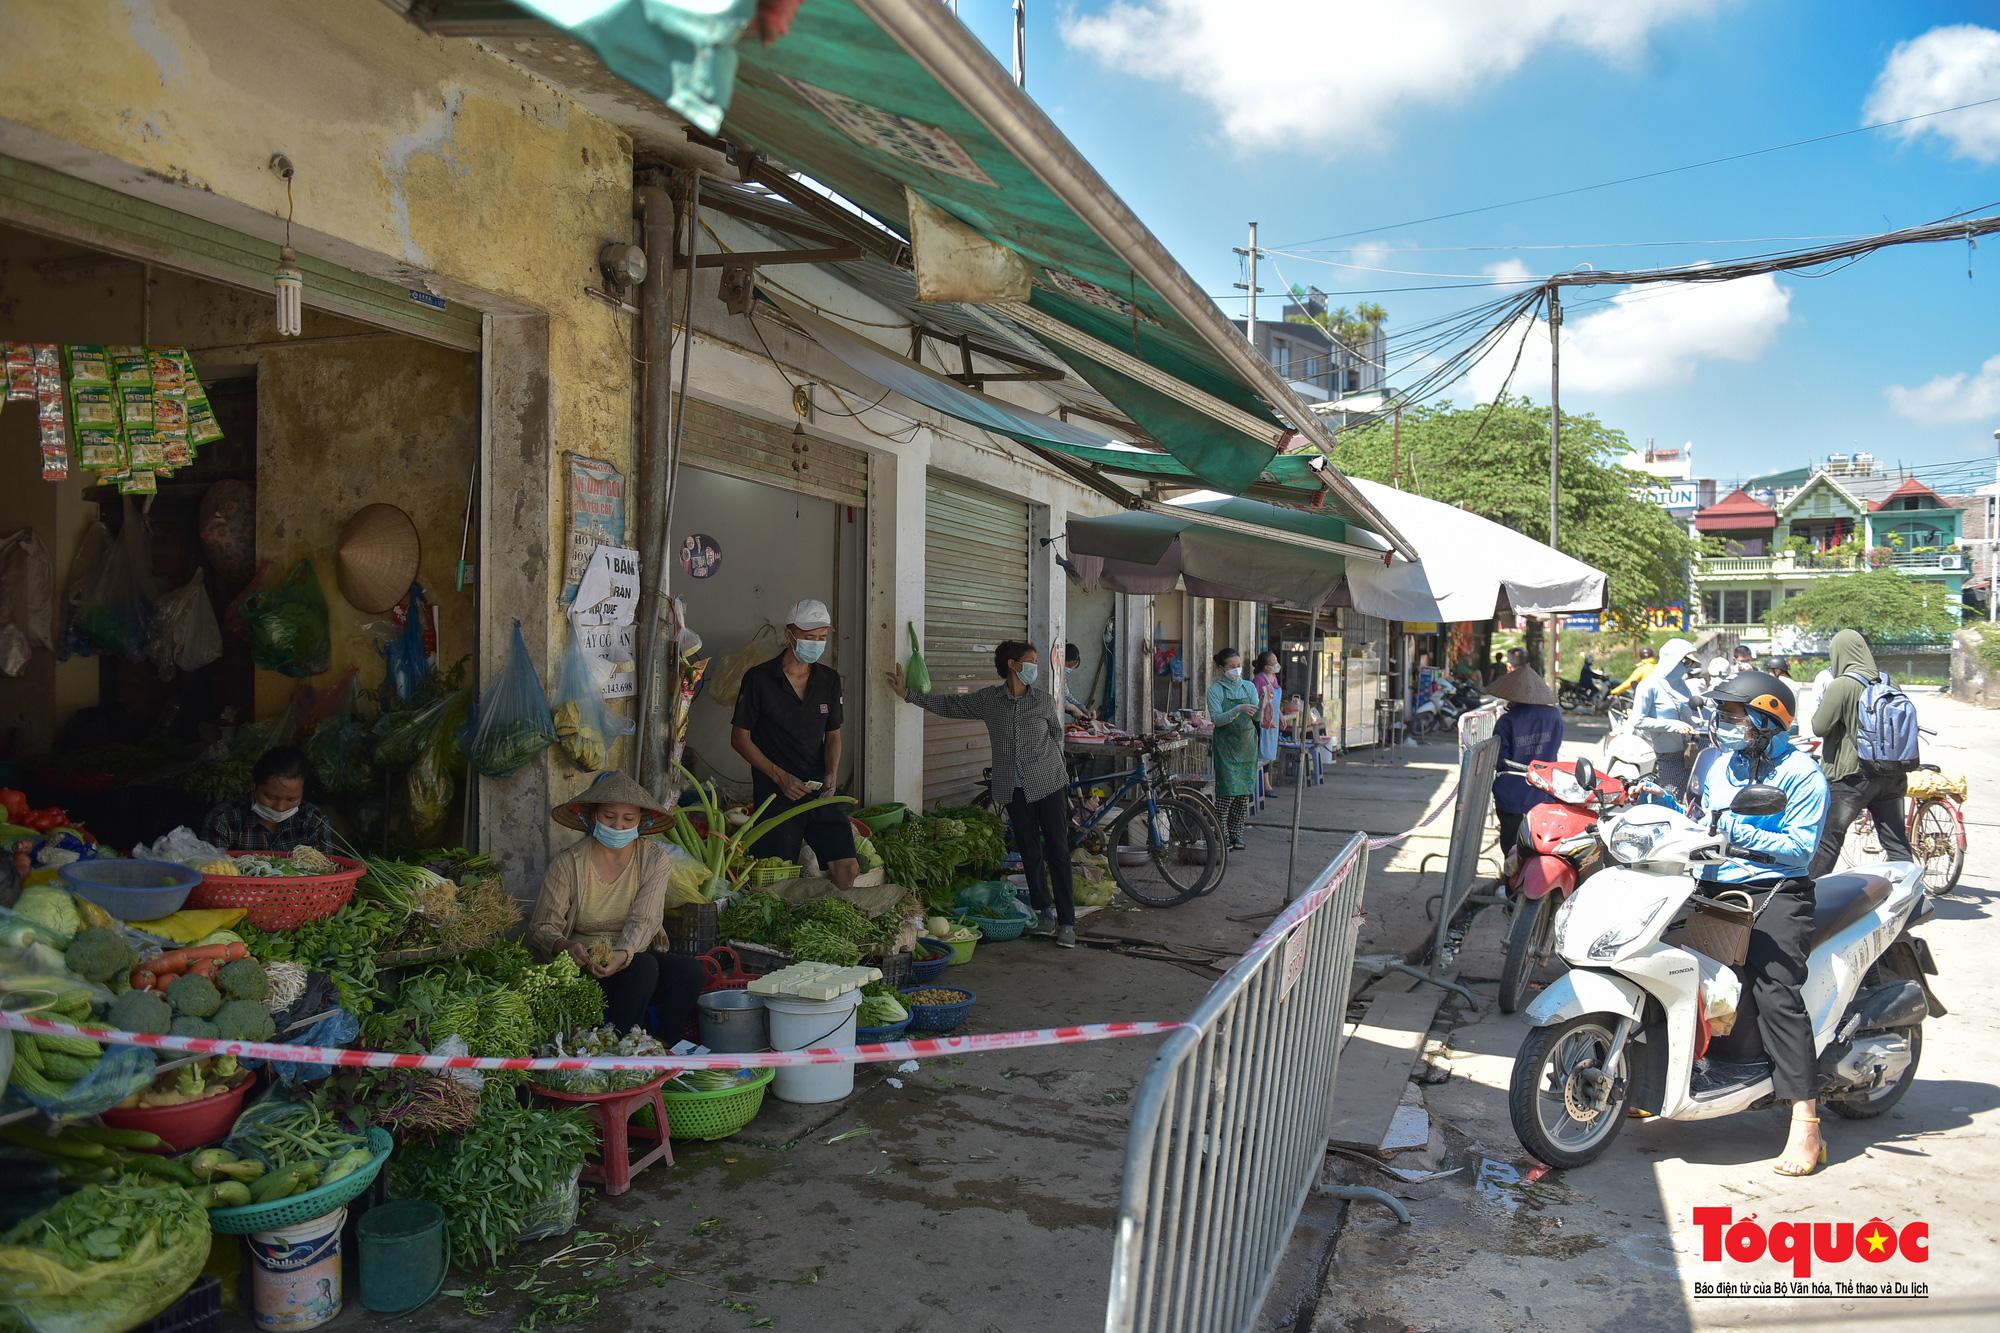 Hà Nội: Muôn kiểu đi chợ trong thời giãn cách xã hội ở thủ đô - Ảnh 21.